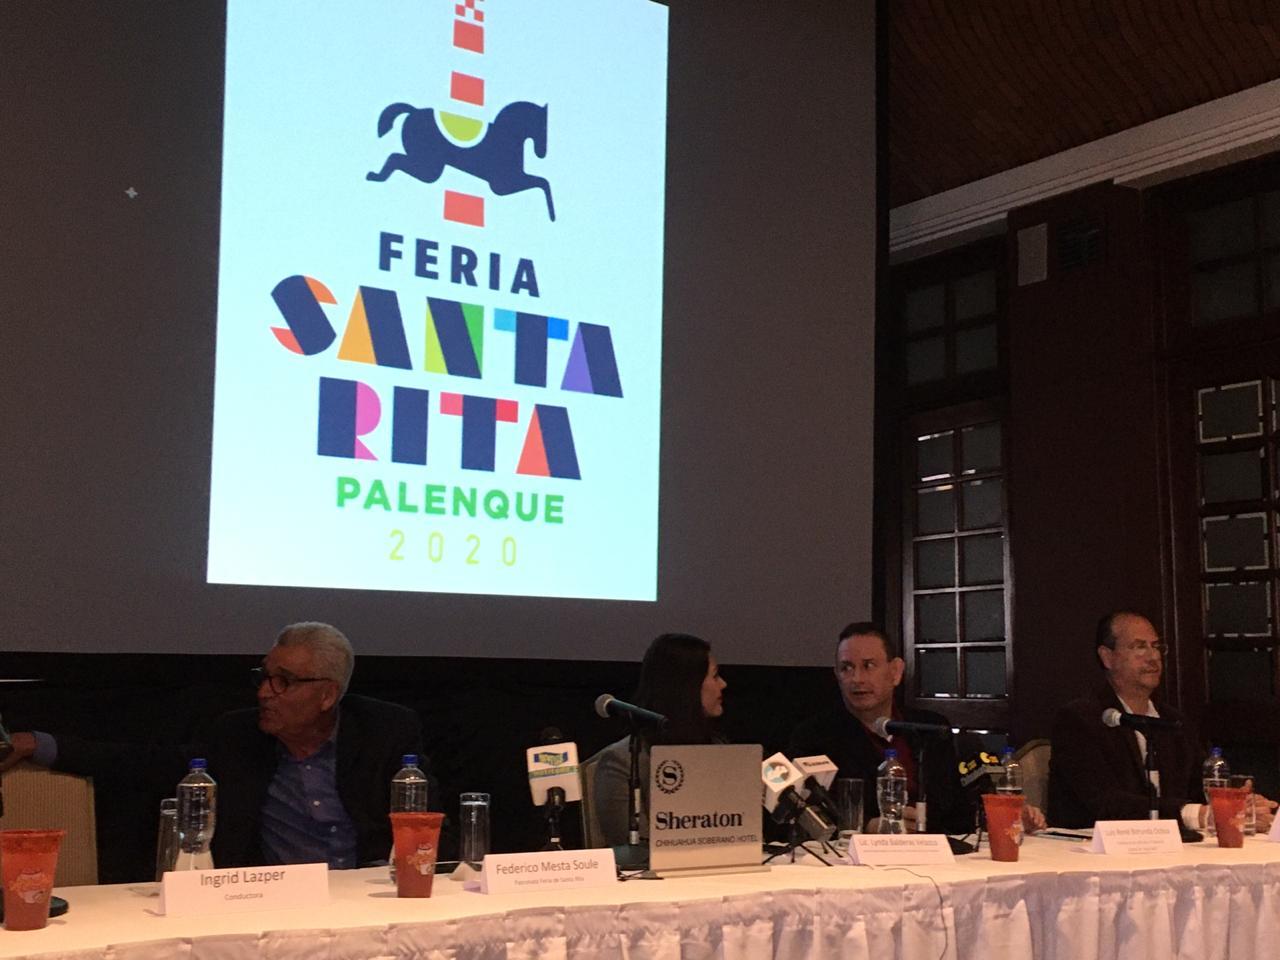 VIDEO: El Fantasma, Carlos Rivera, Gerardo Ortiz y más en el Palenque de Santa Rita 2020